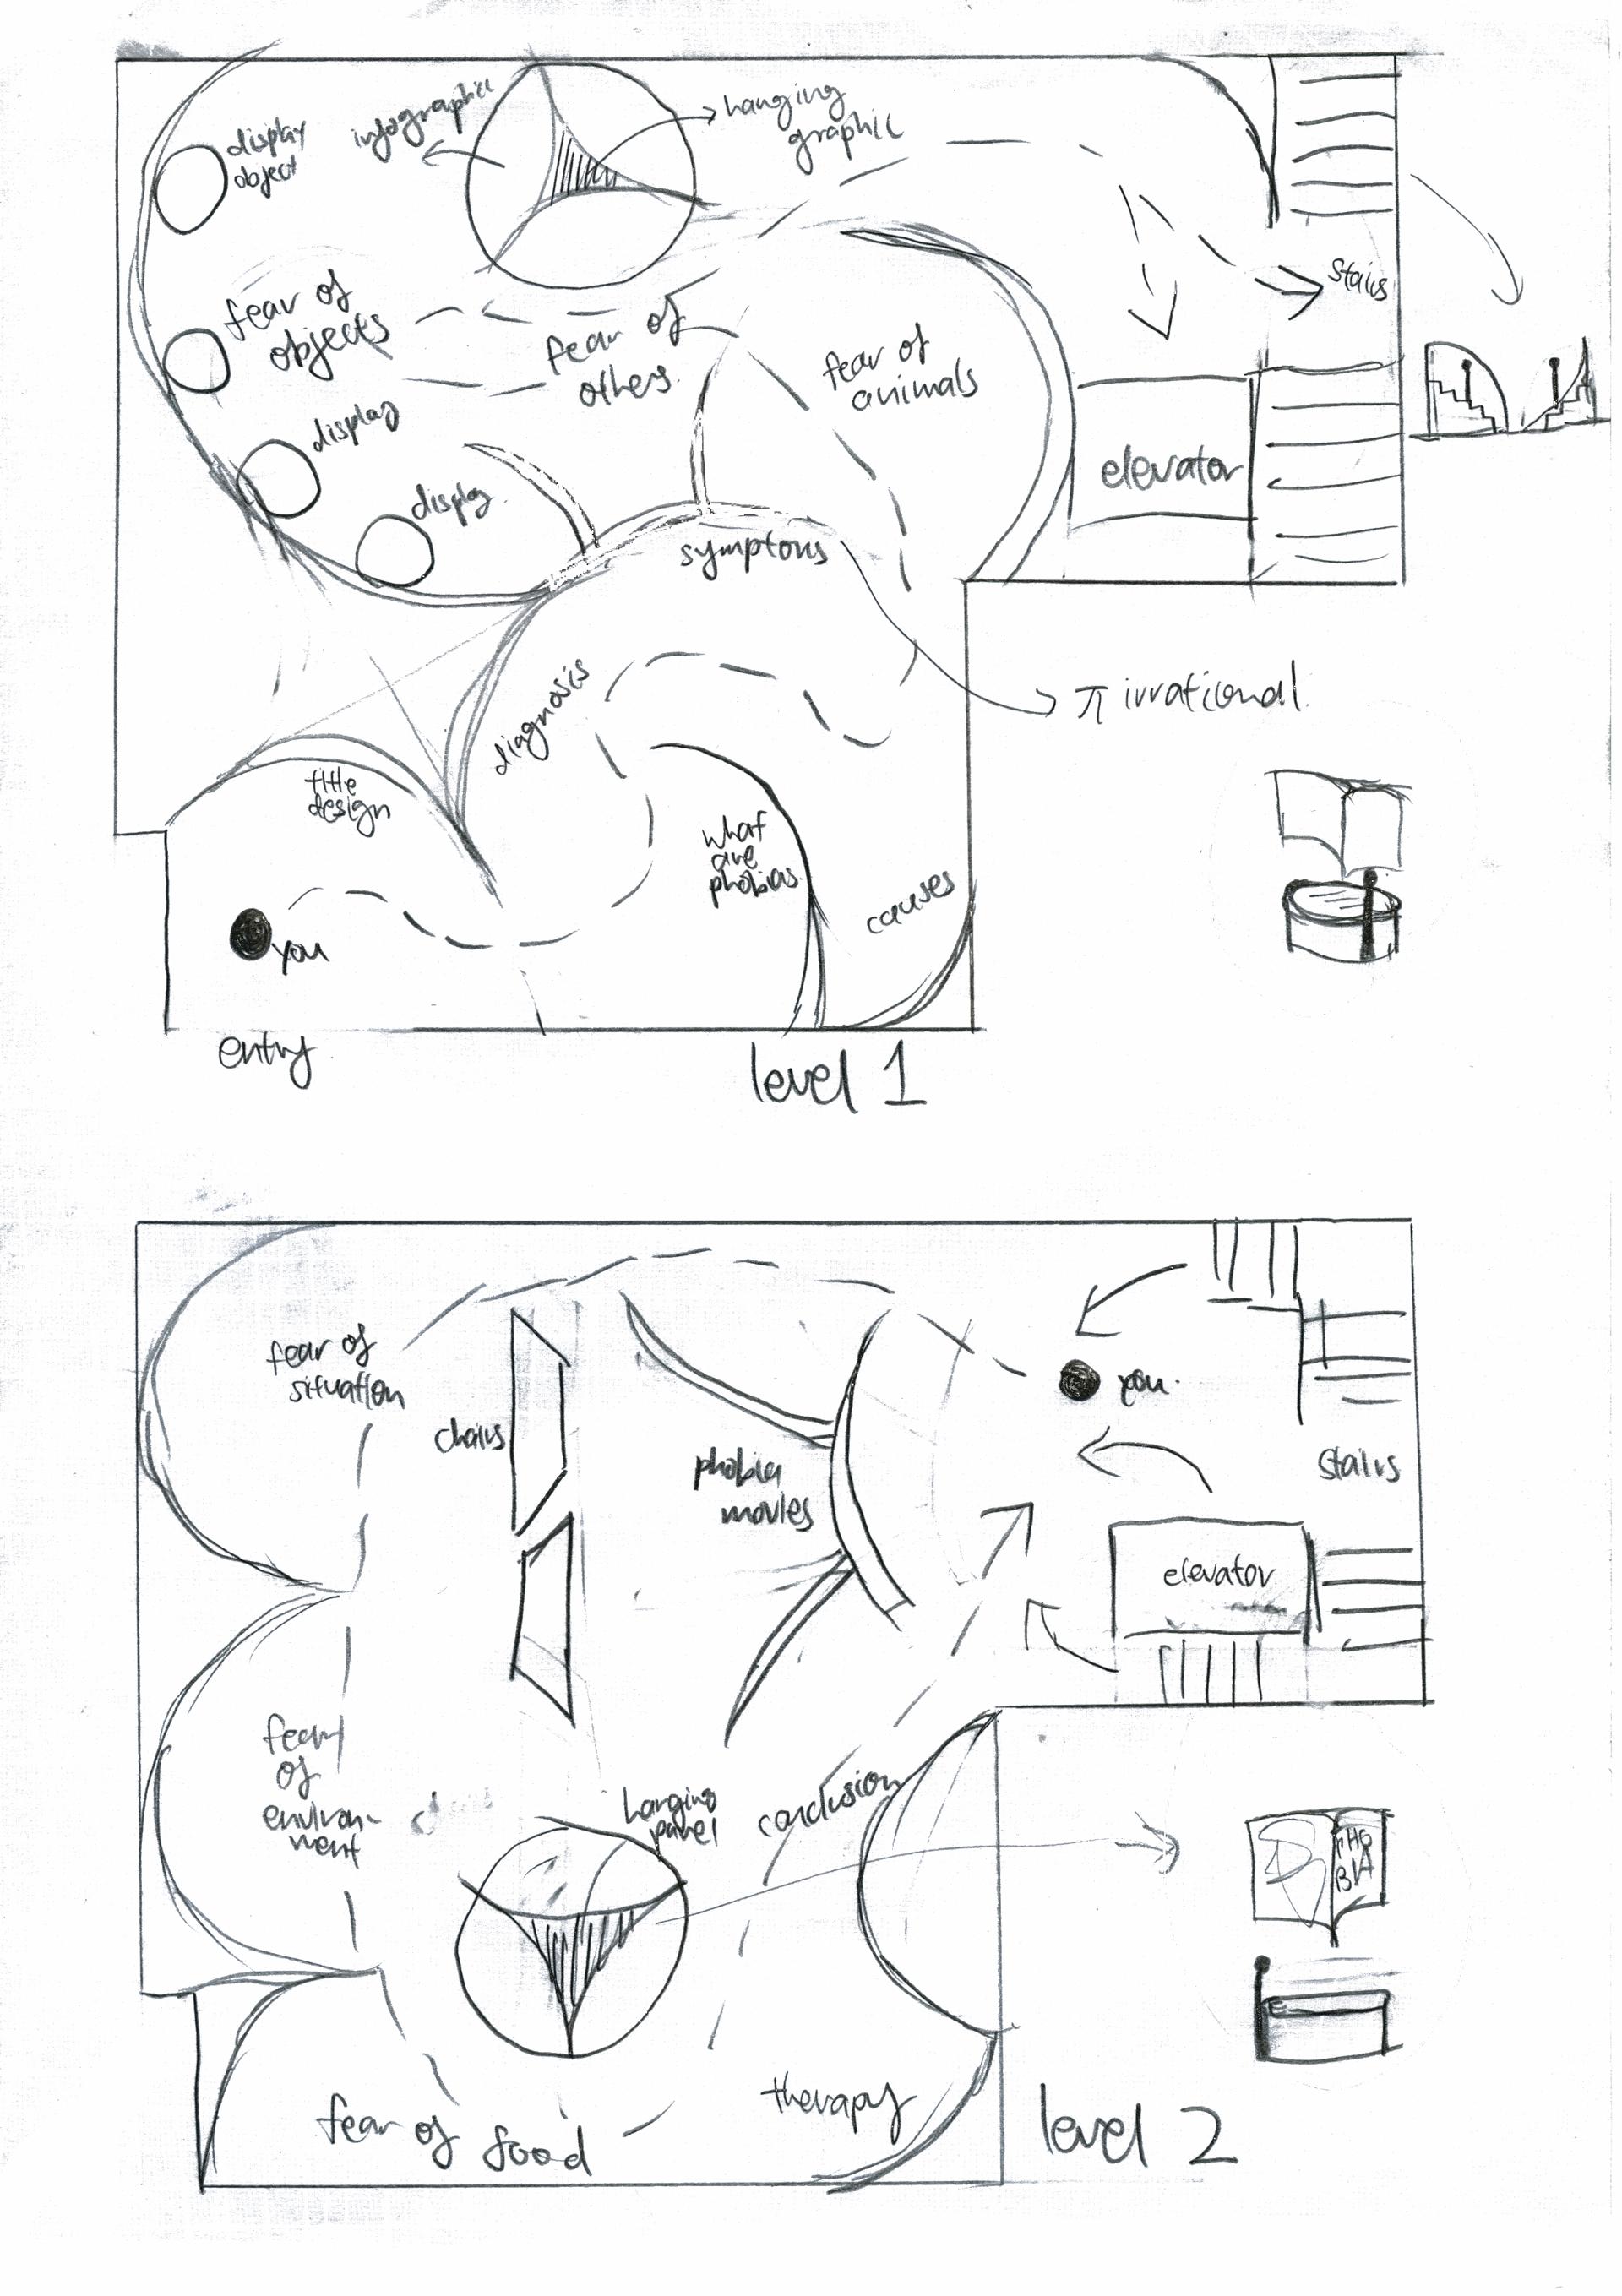 joan_floorplan_sketch-1.jpg